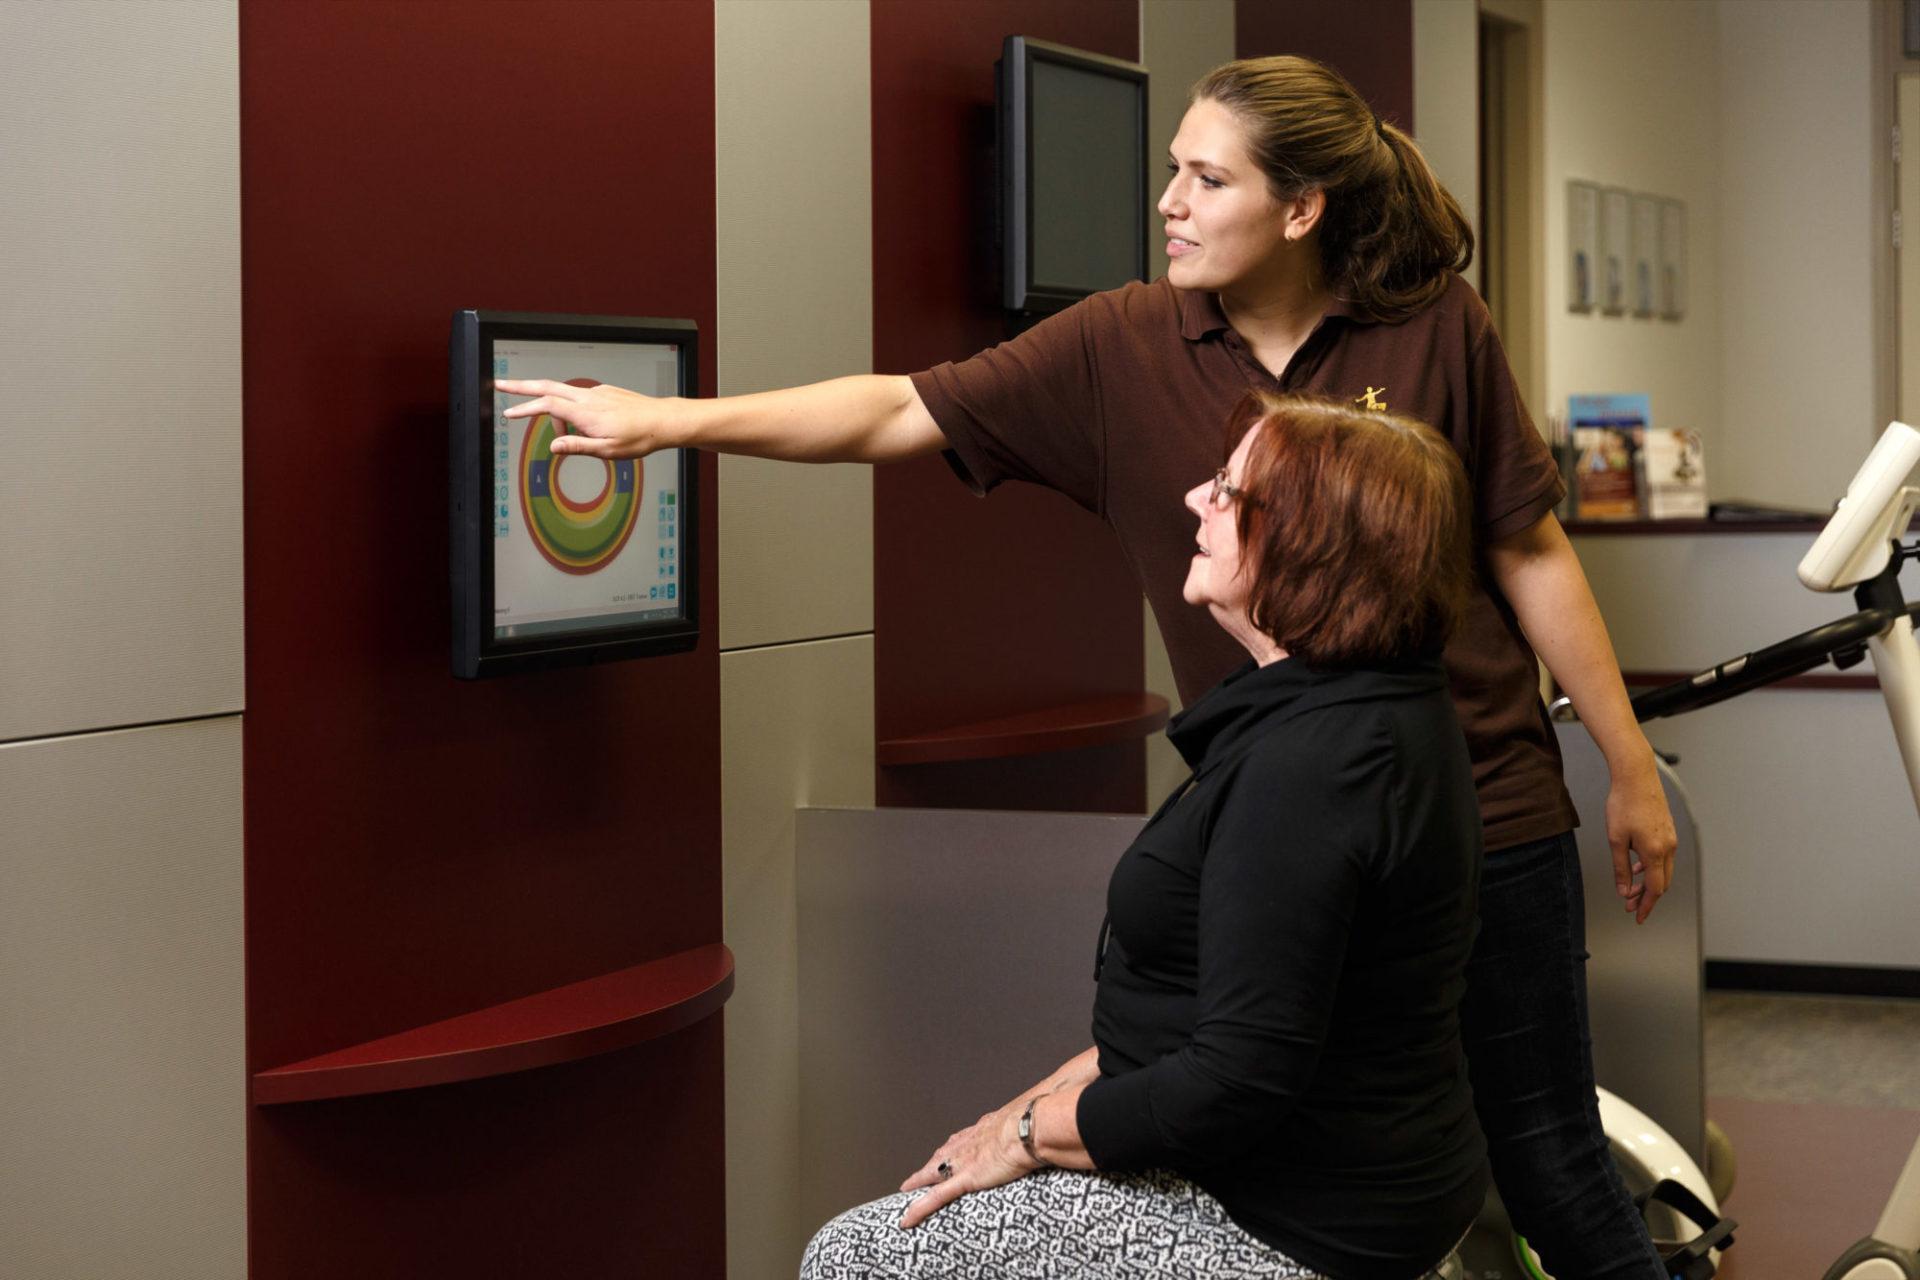 fysiotherapie, breda, breda west, paramedisch centrum, fysiotherapeut, fysiotherapiepraktijk, behandelingen, persoonlijke rugbescherming, rugbescherming, flexchair, rugpijn, nekpijn, rugklachten, conditie rug,